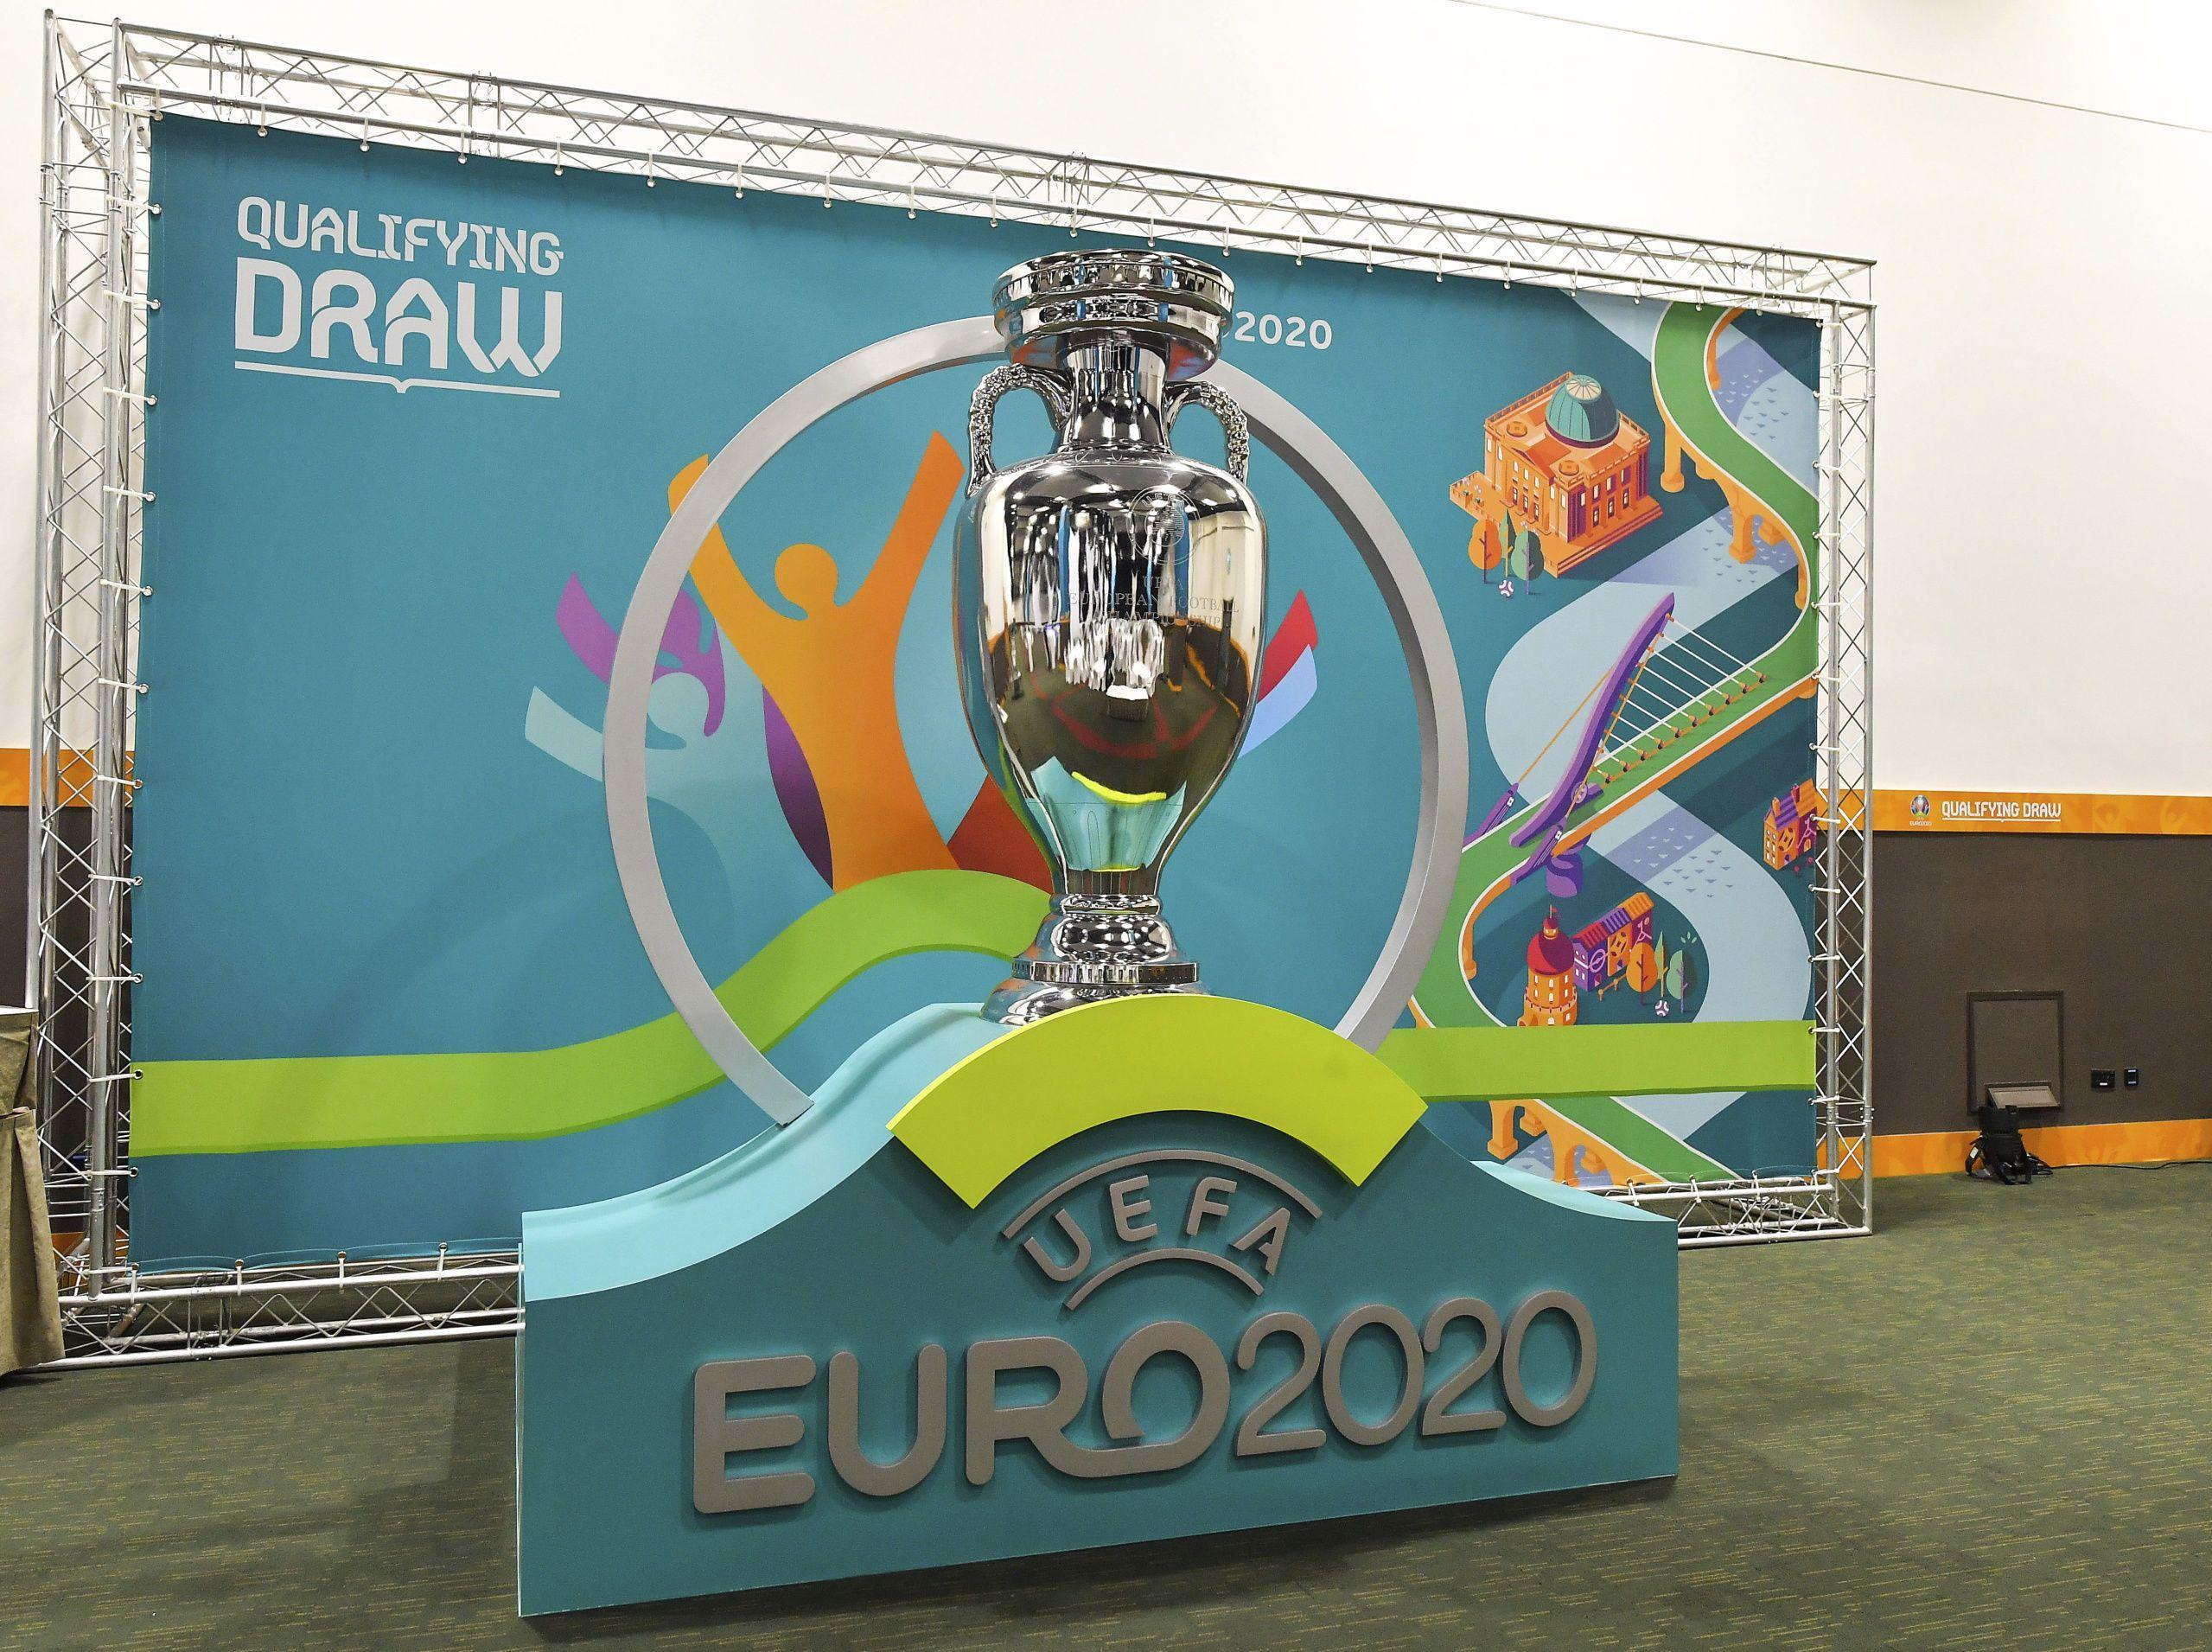 Євро-2020 лого, євро-2020 заставка_1